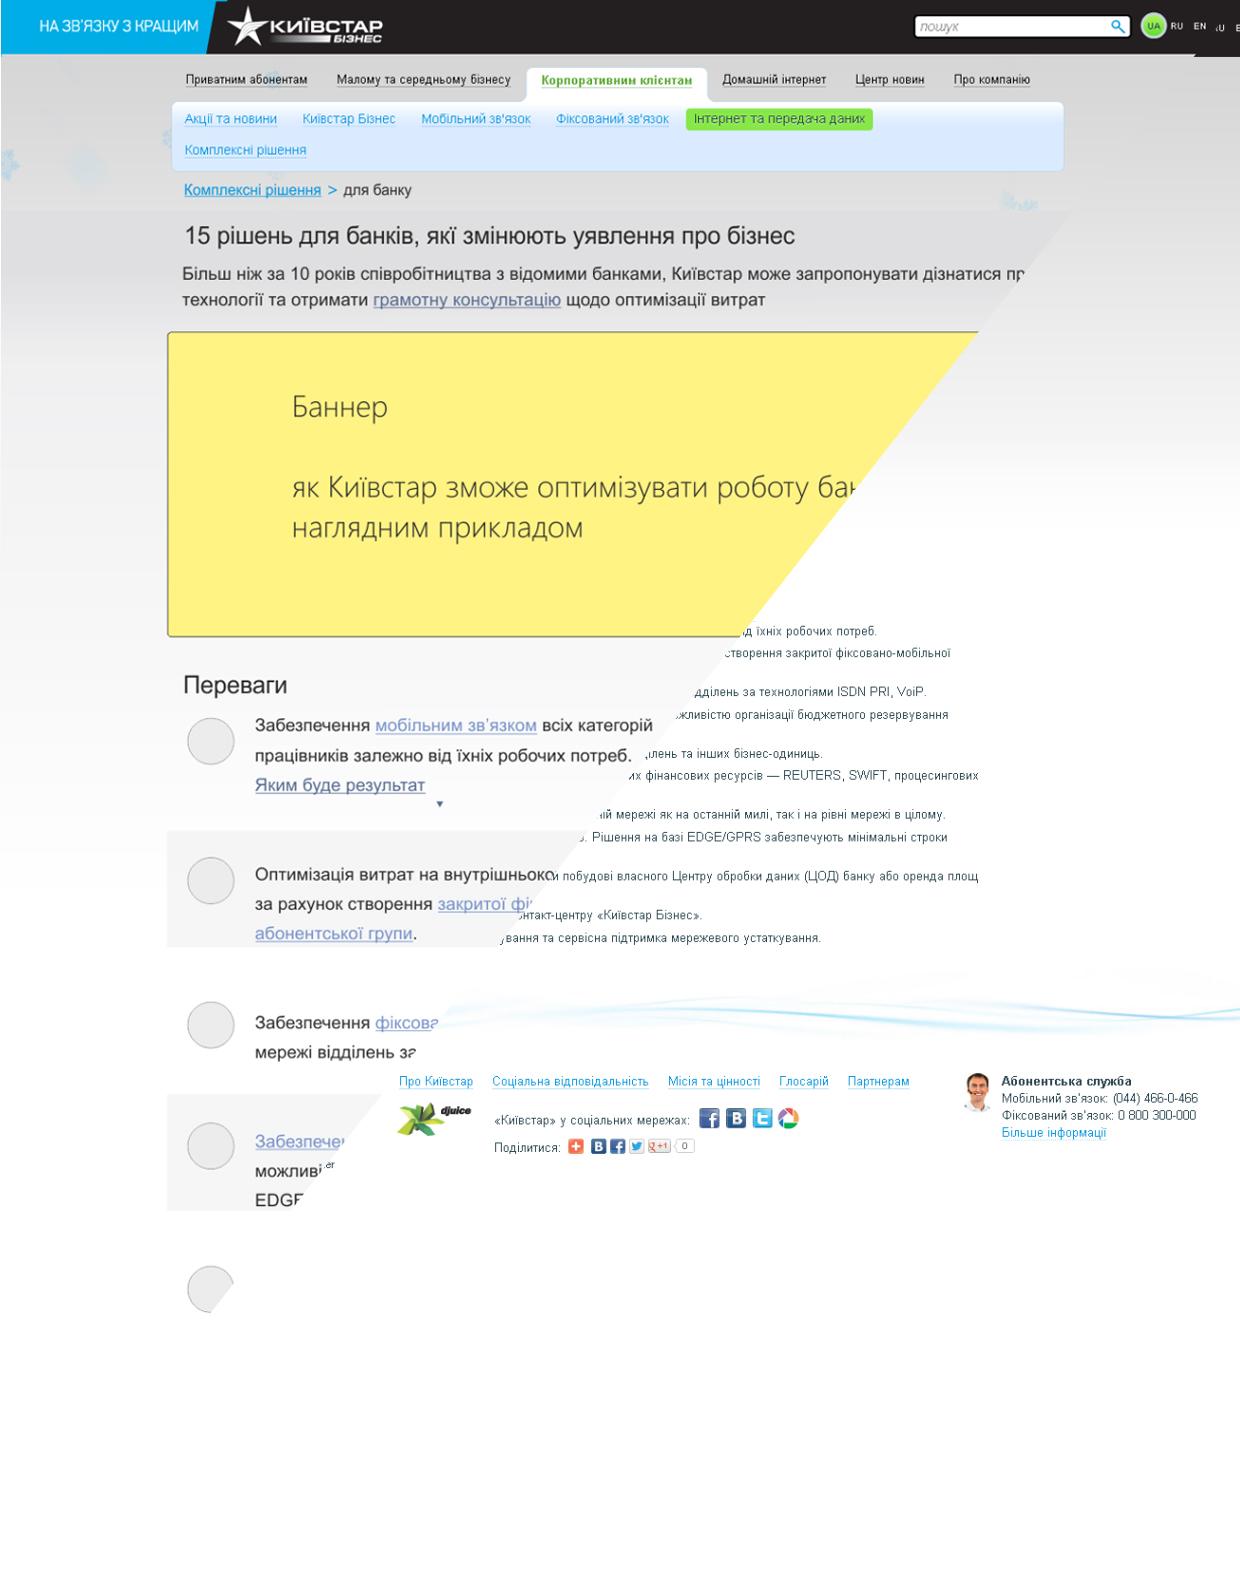 Пример наших услуг по юзабилити для проекта «Киевстар: услуги для банков» → задача: ознакомить целевую аудиторию с предложением для банков.